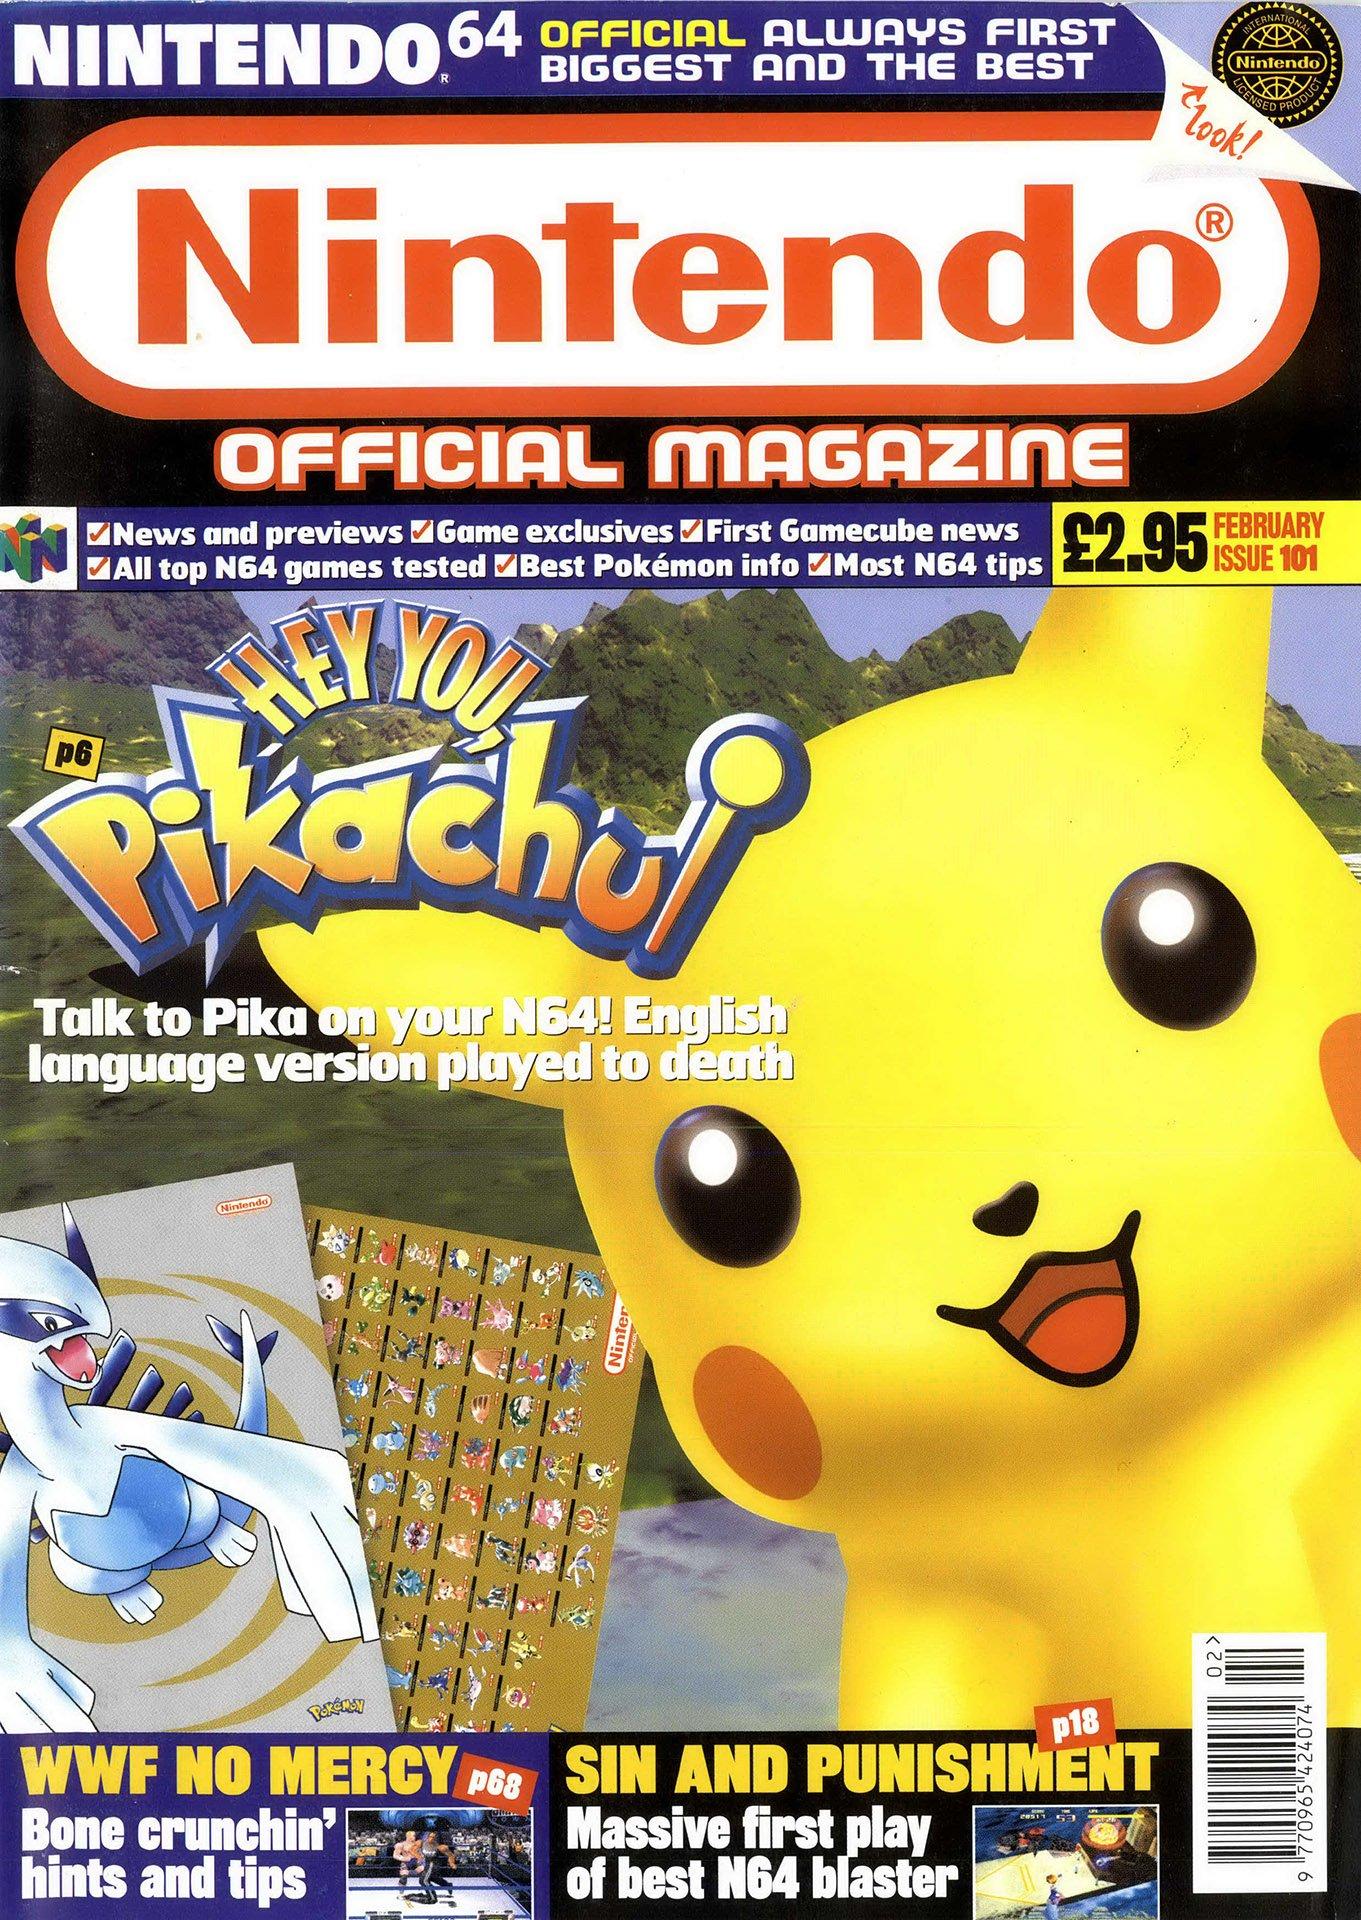 Nintendo Official Magazine 101 (February 2001)